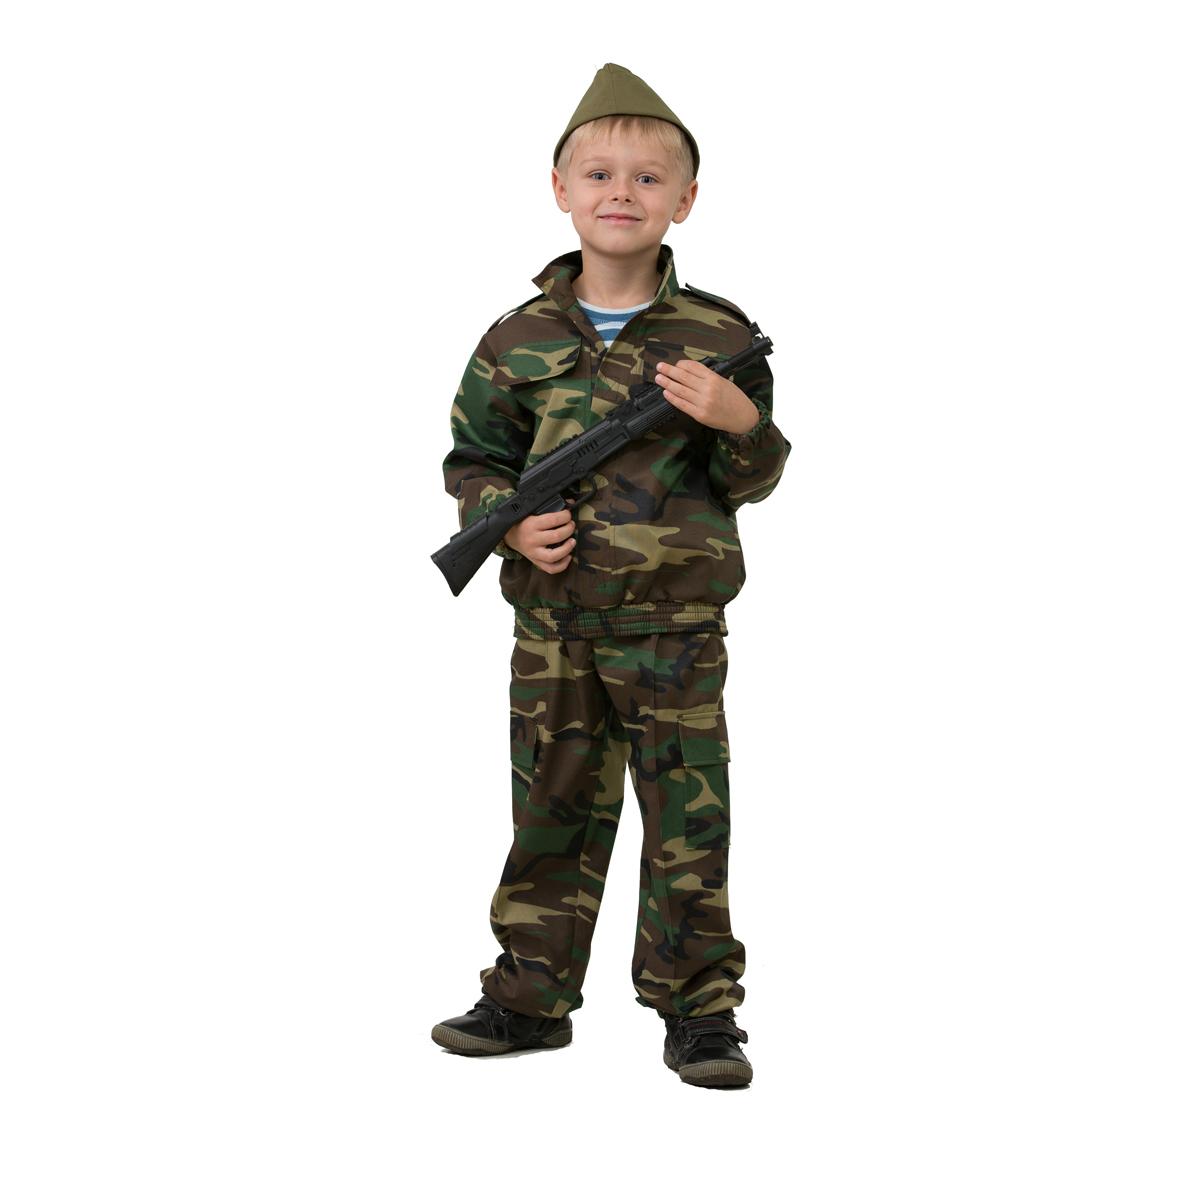 Батик Костюм карнавальный для мальчика Разведчик размер 34 батик костюм карнавальный для мальчика витязь размер 34